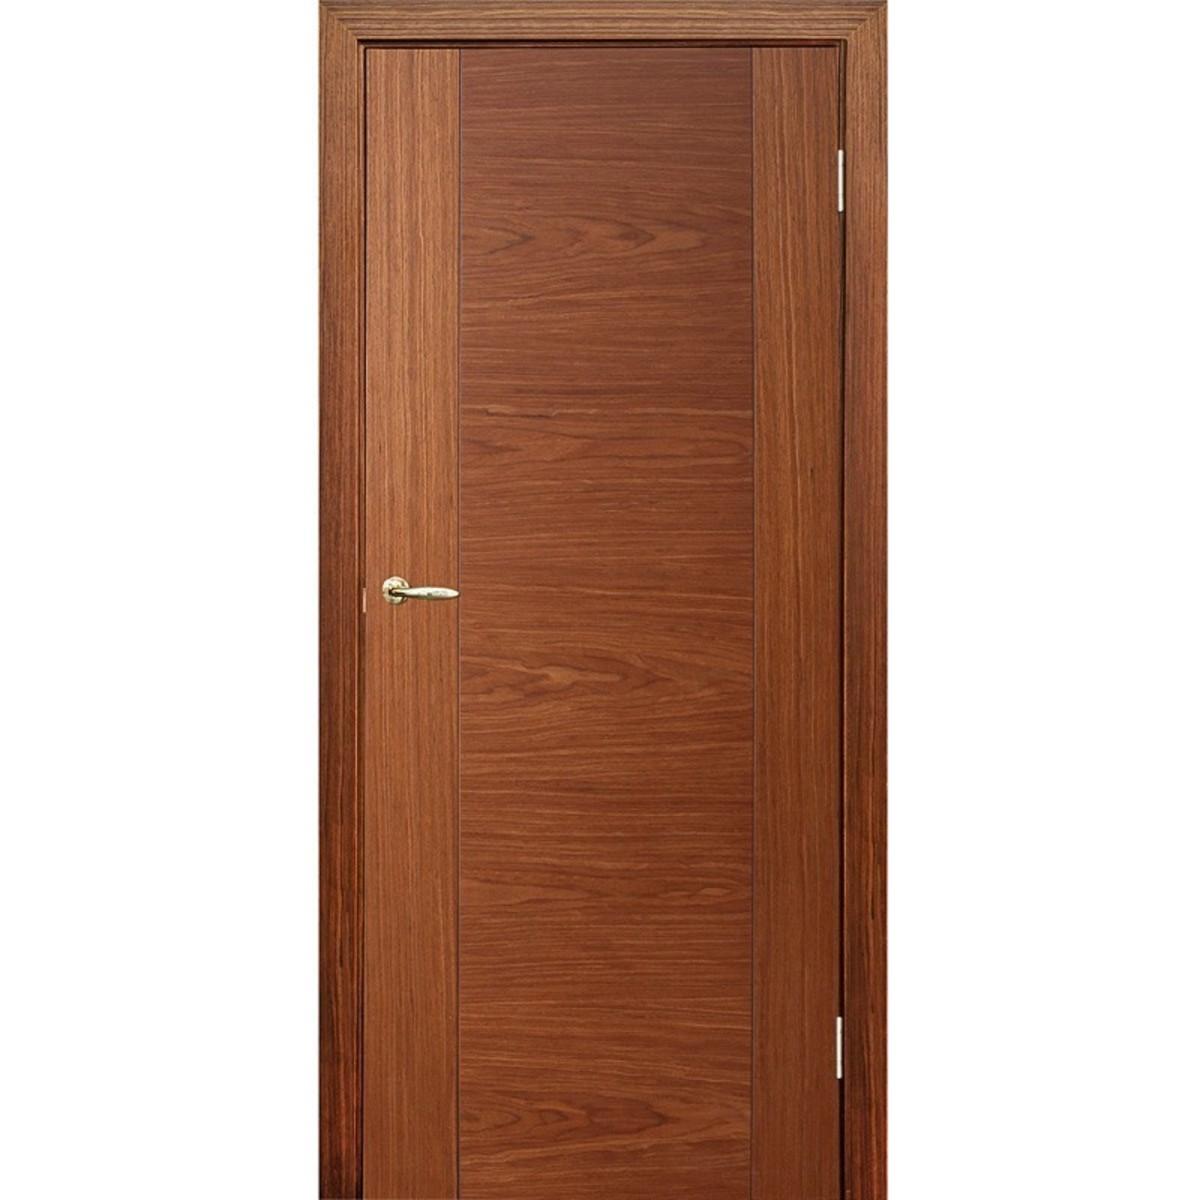 Дверь межкомнатная глухая Vario 60x200 см шпон цвет орех с фурнитурой